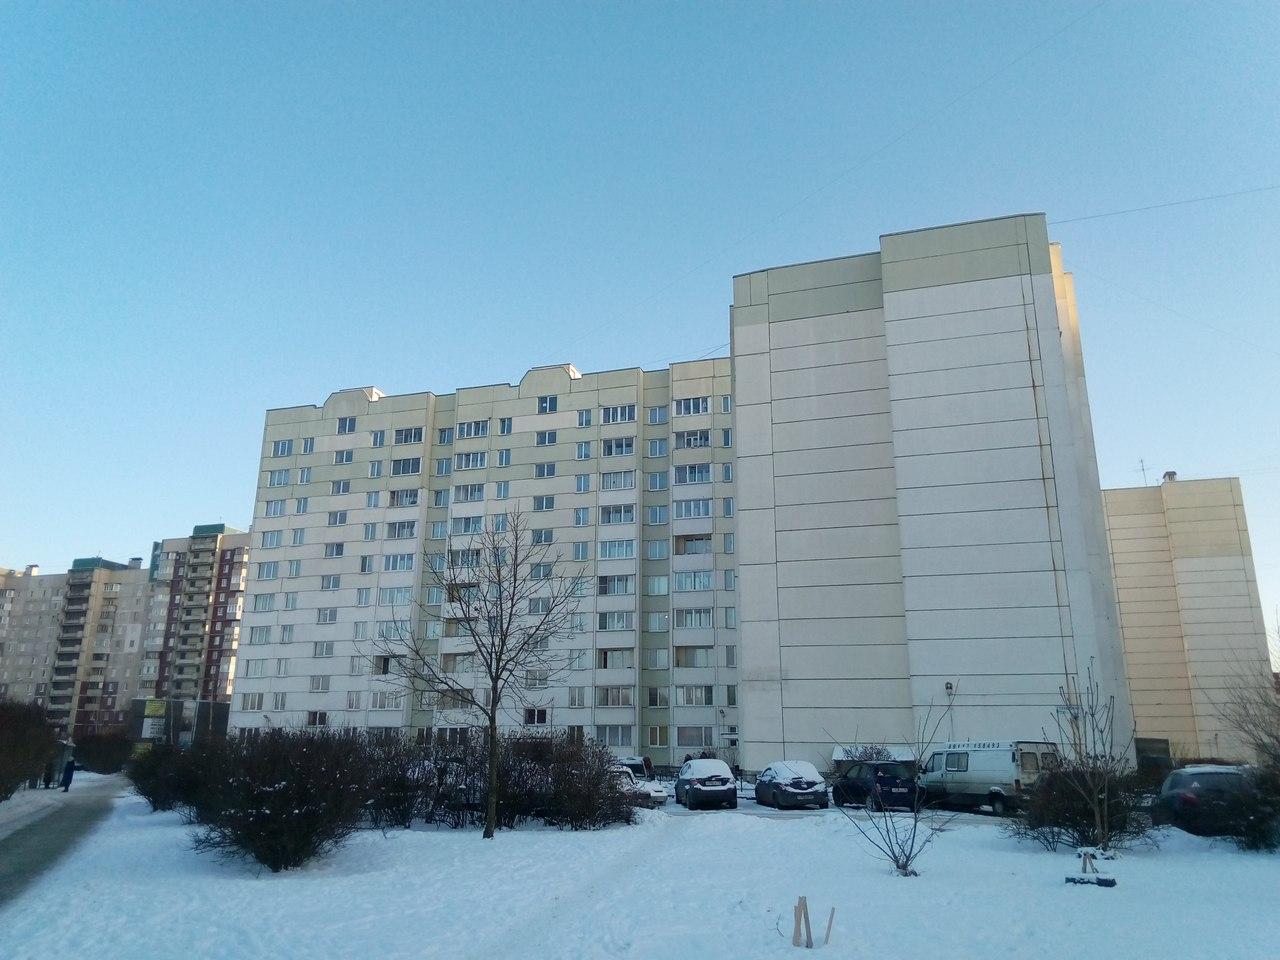 Продается уютная теплая 1ком.квартира в Приморском районе Санкт-Петербурга, рядом с Юнтоловским заповедником. M1zFv9Xy3LY